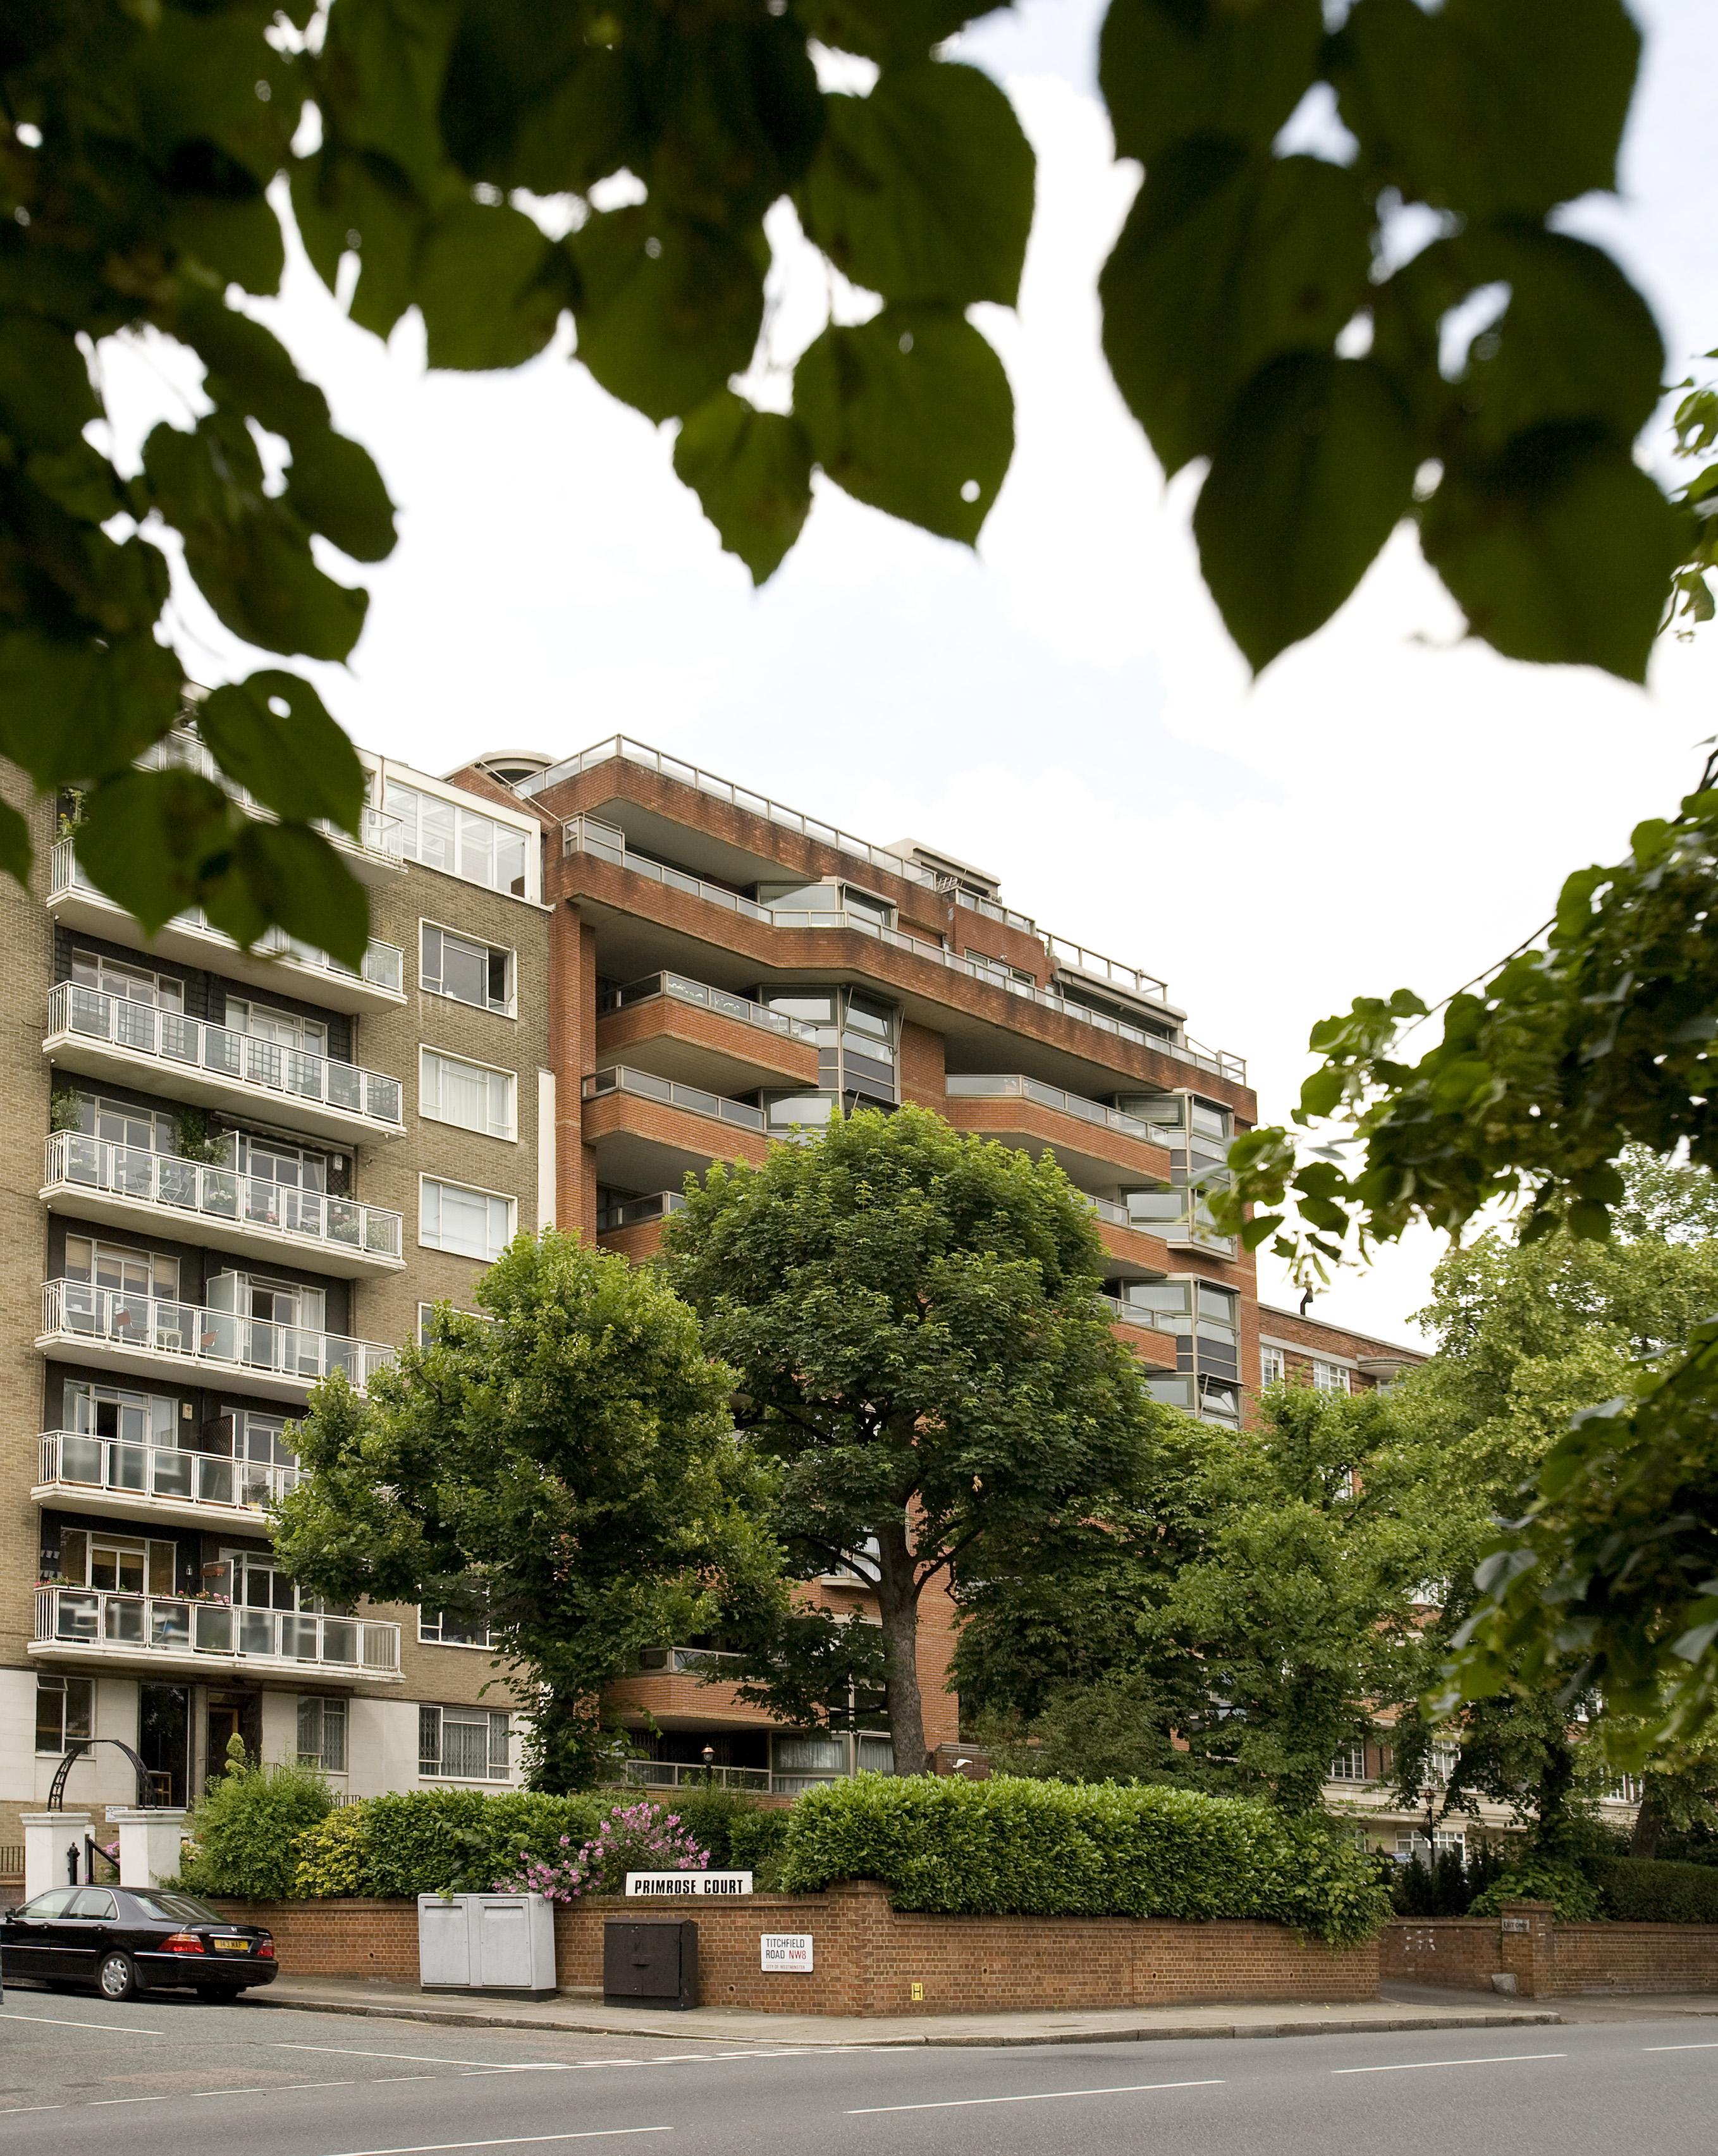 Penthouse Park, St James, London, NW8